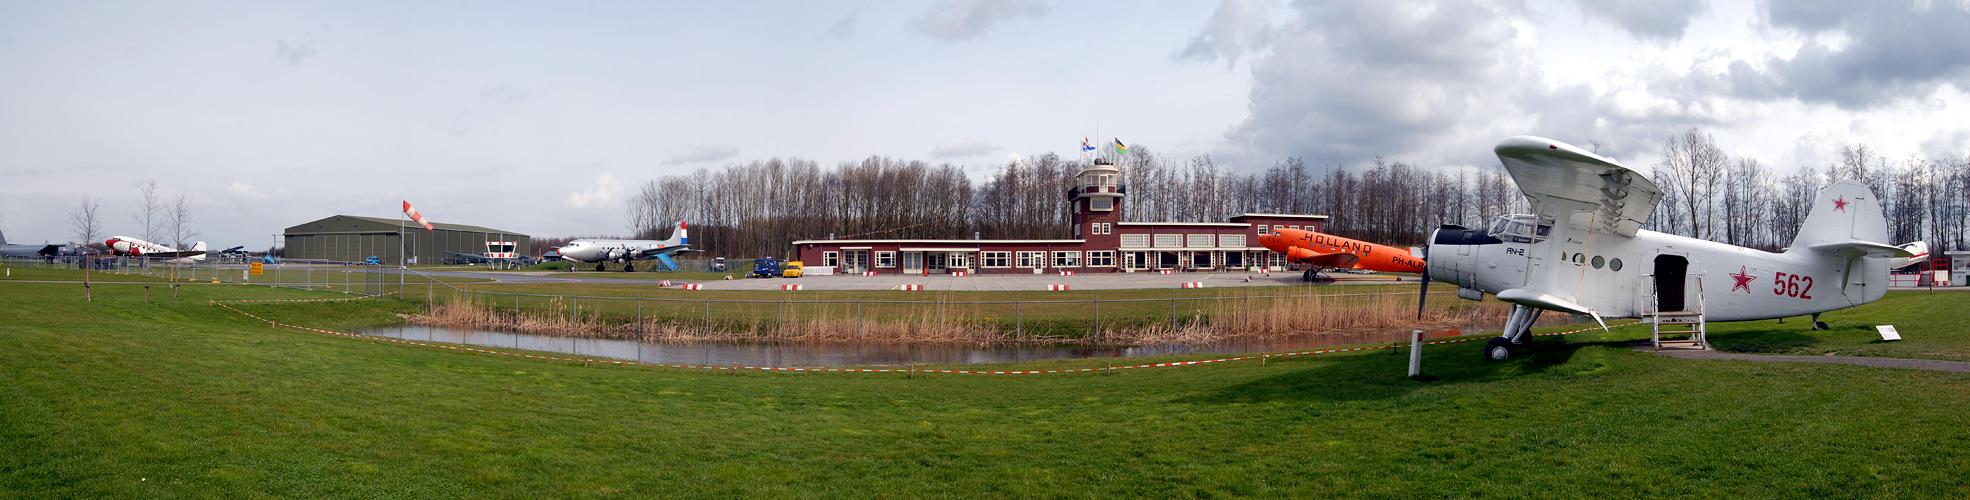 Alter Flughafen Schiphol